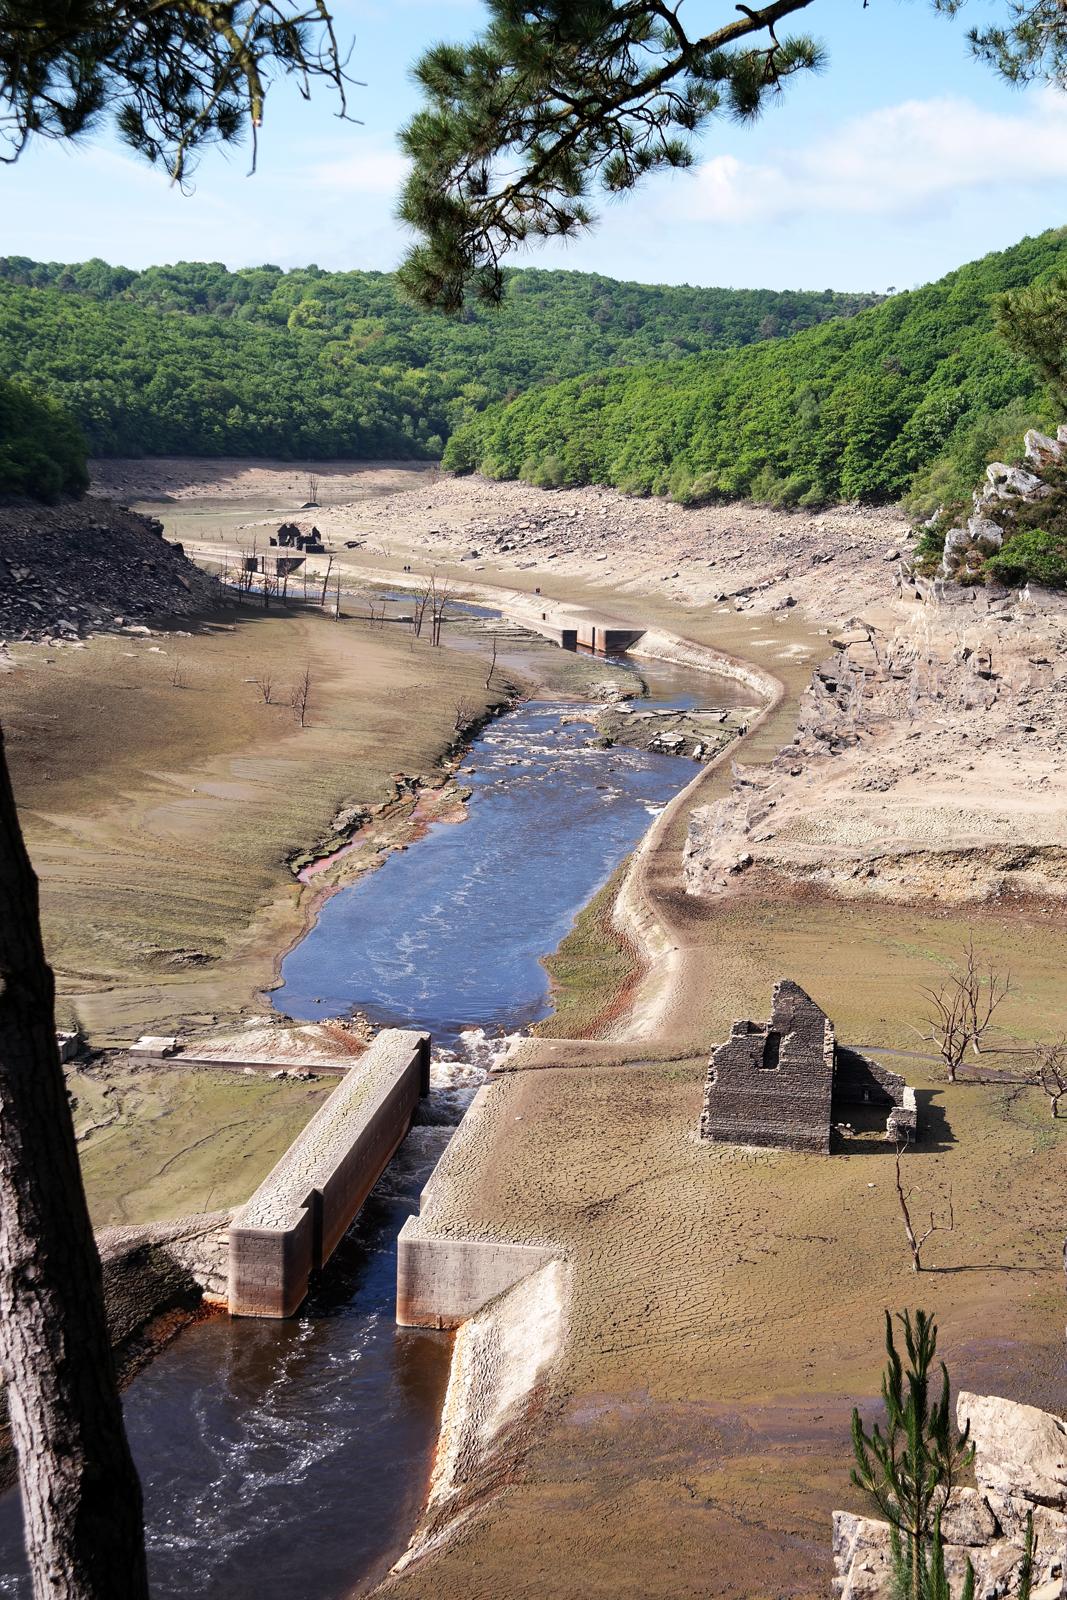 Lac-de-Guerledan-vidange-2015-barrage-vide-point-de-vue-panoramique-Trégnanton-maison-abandonné-écluse-Bretagne-tourisme-circuit-découverte-voyage-photo-by-blog-united-states-of-paris